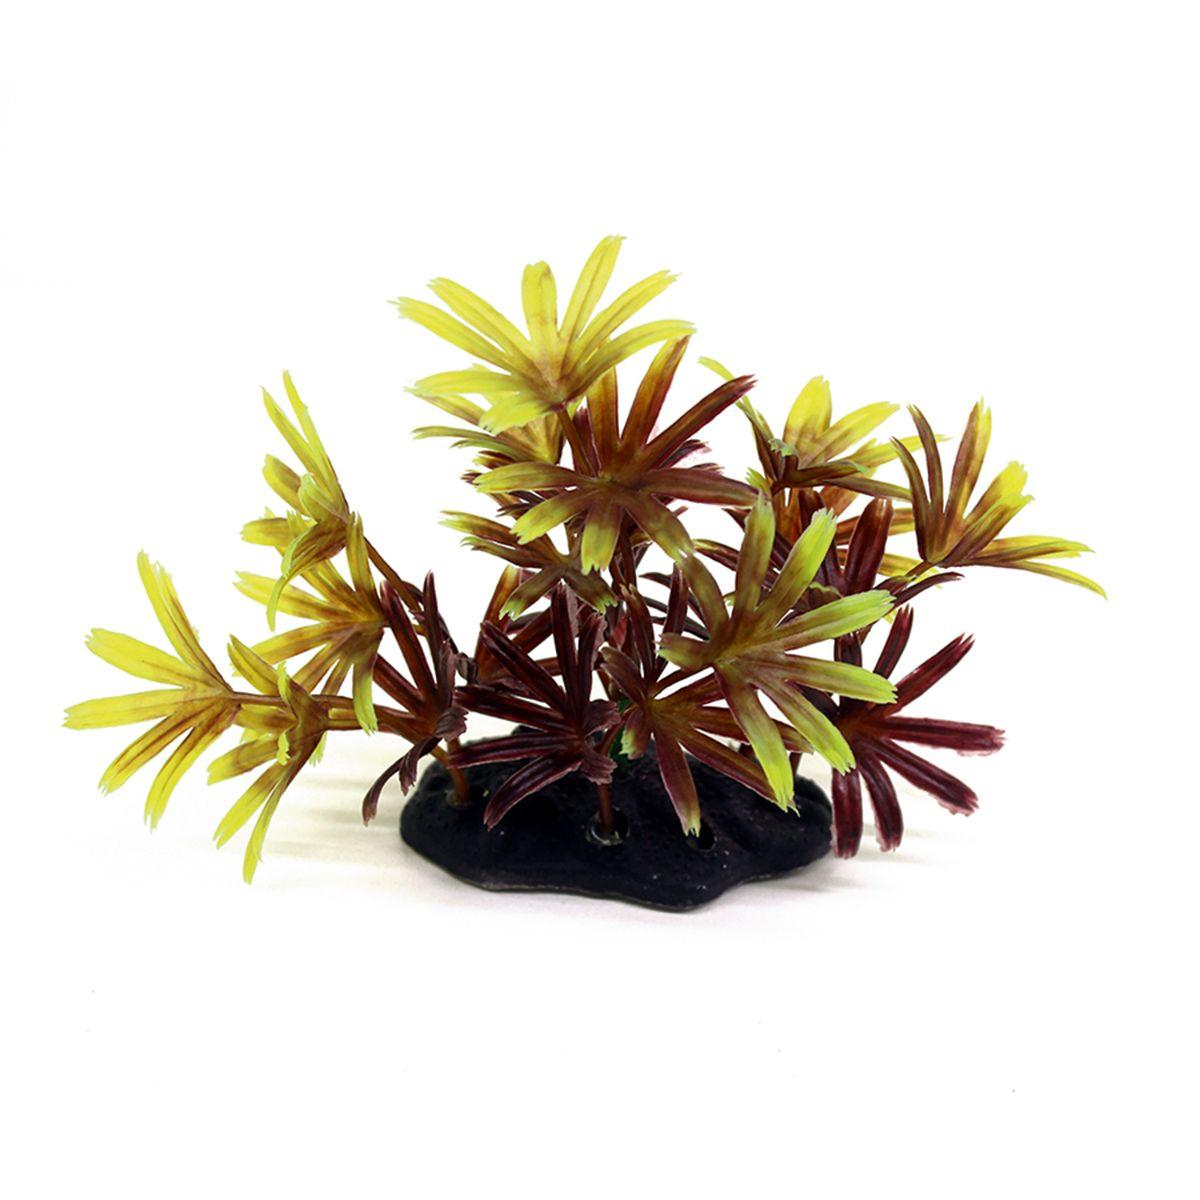 Растение для аквариума ArtUniq Бамбуза красно-желтая, высота 10-12 смART-1192118Композиция из искусственных растений ArtUniq превосходно украсит и оживит аквариум.Растения - это важная часть любой композиции, они помогут вдохнуть жизнь в ландшафт любого аквариума или террариума. А их сходствос природными порадует даже самых взыскательных ценителей.